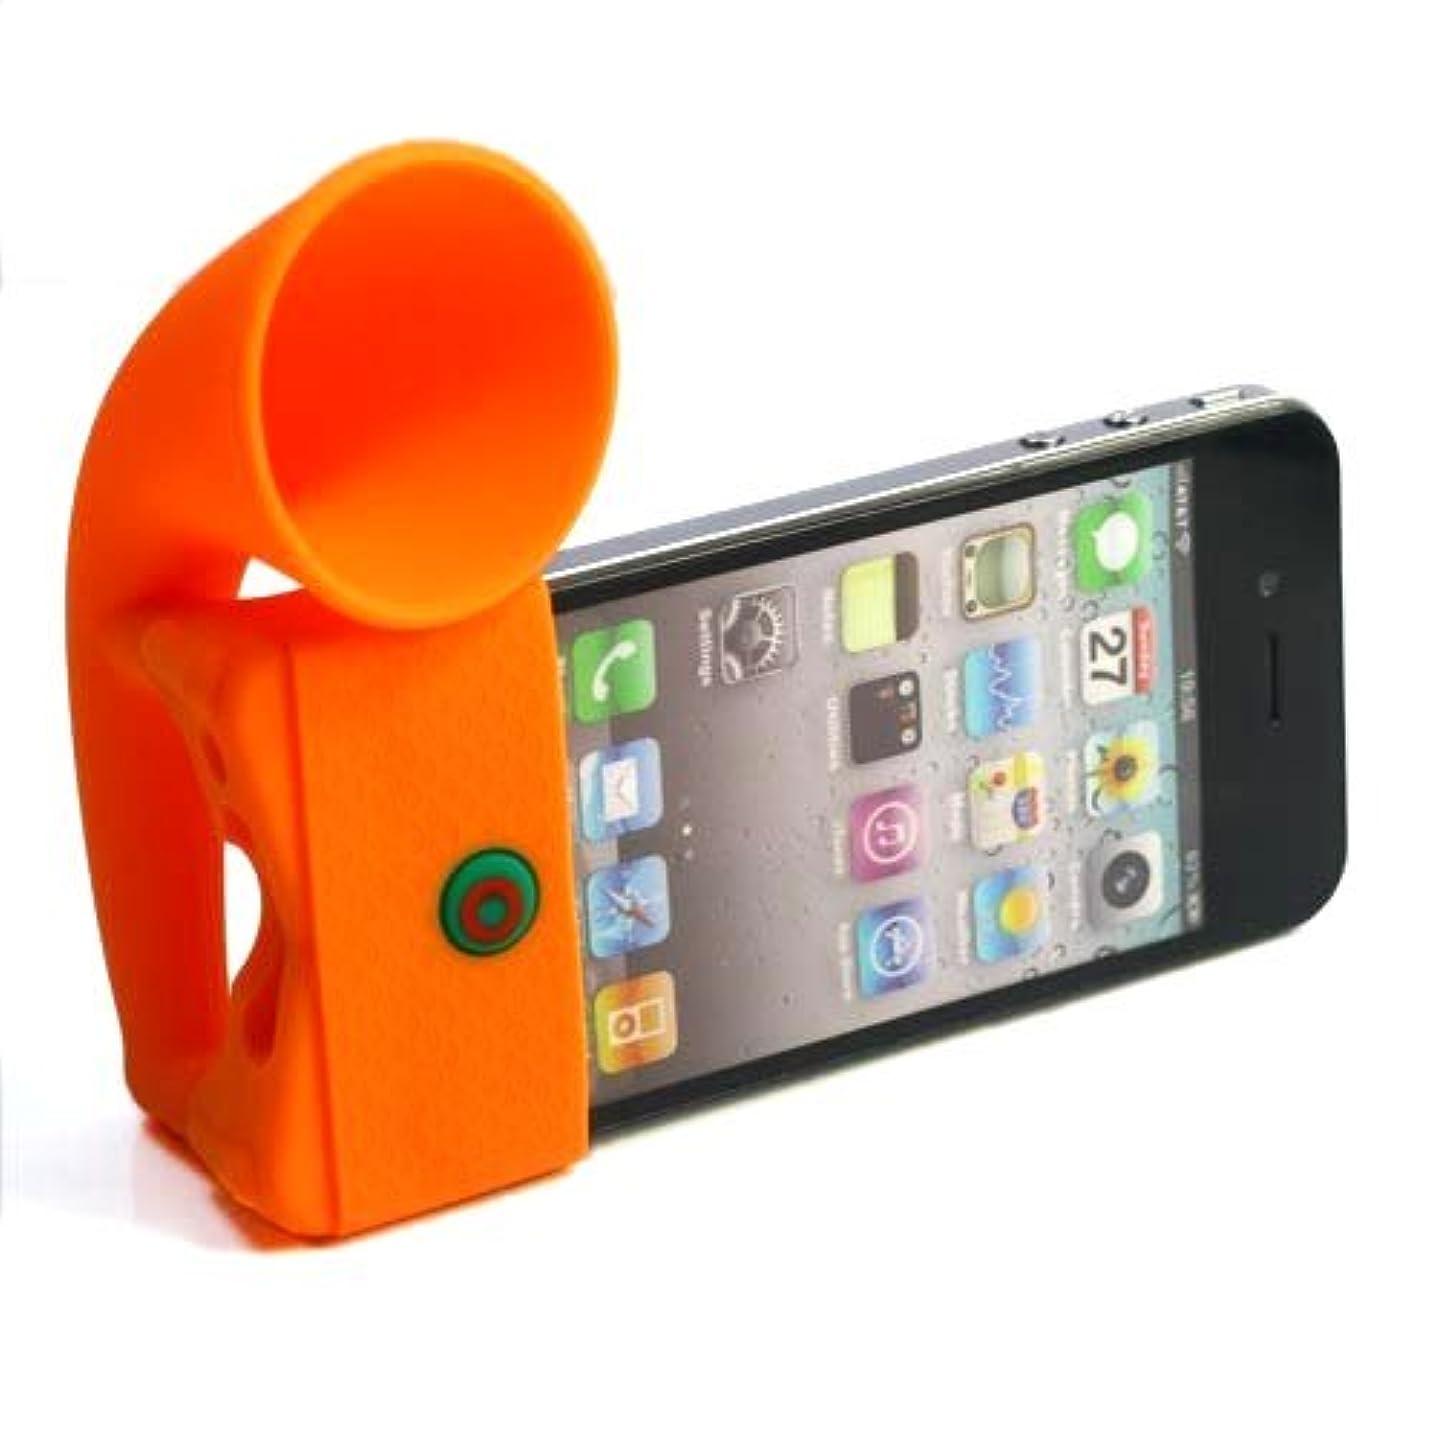 ソーセージ委員会期限切れ【全12色】電源不要のアンプ型スタンド iPhone 4用Horn Stand オレンジ Horn Stand for iPhone 4 (1418-1)